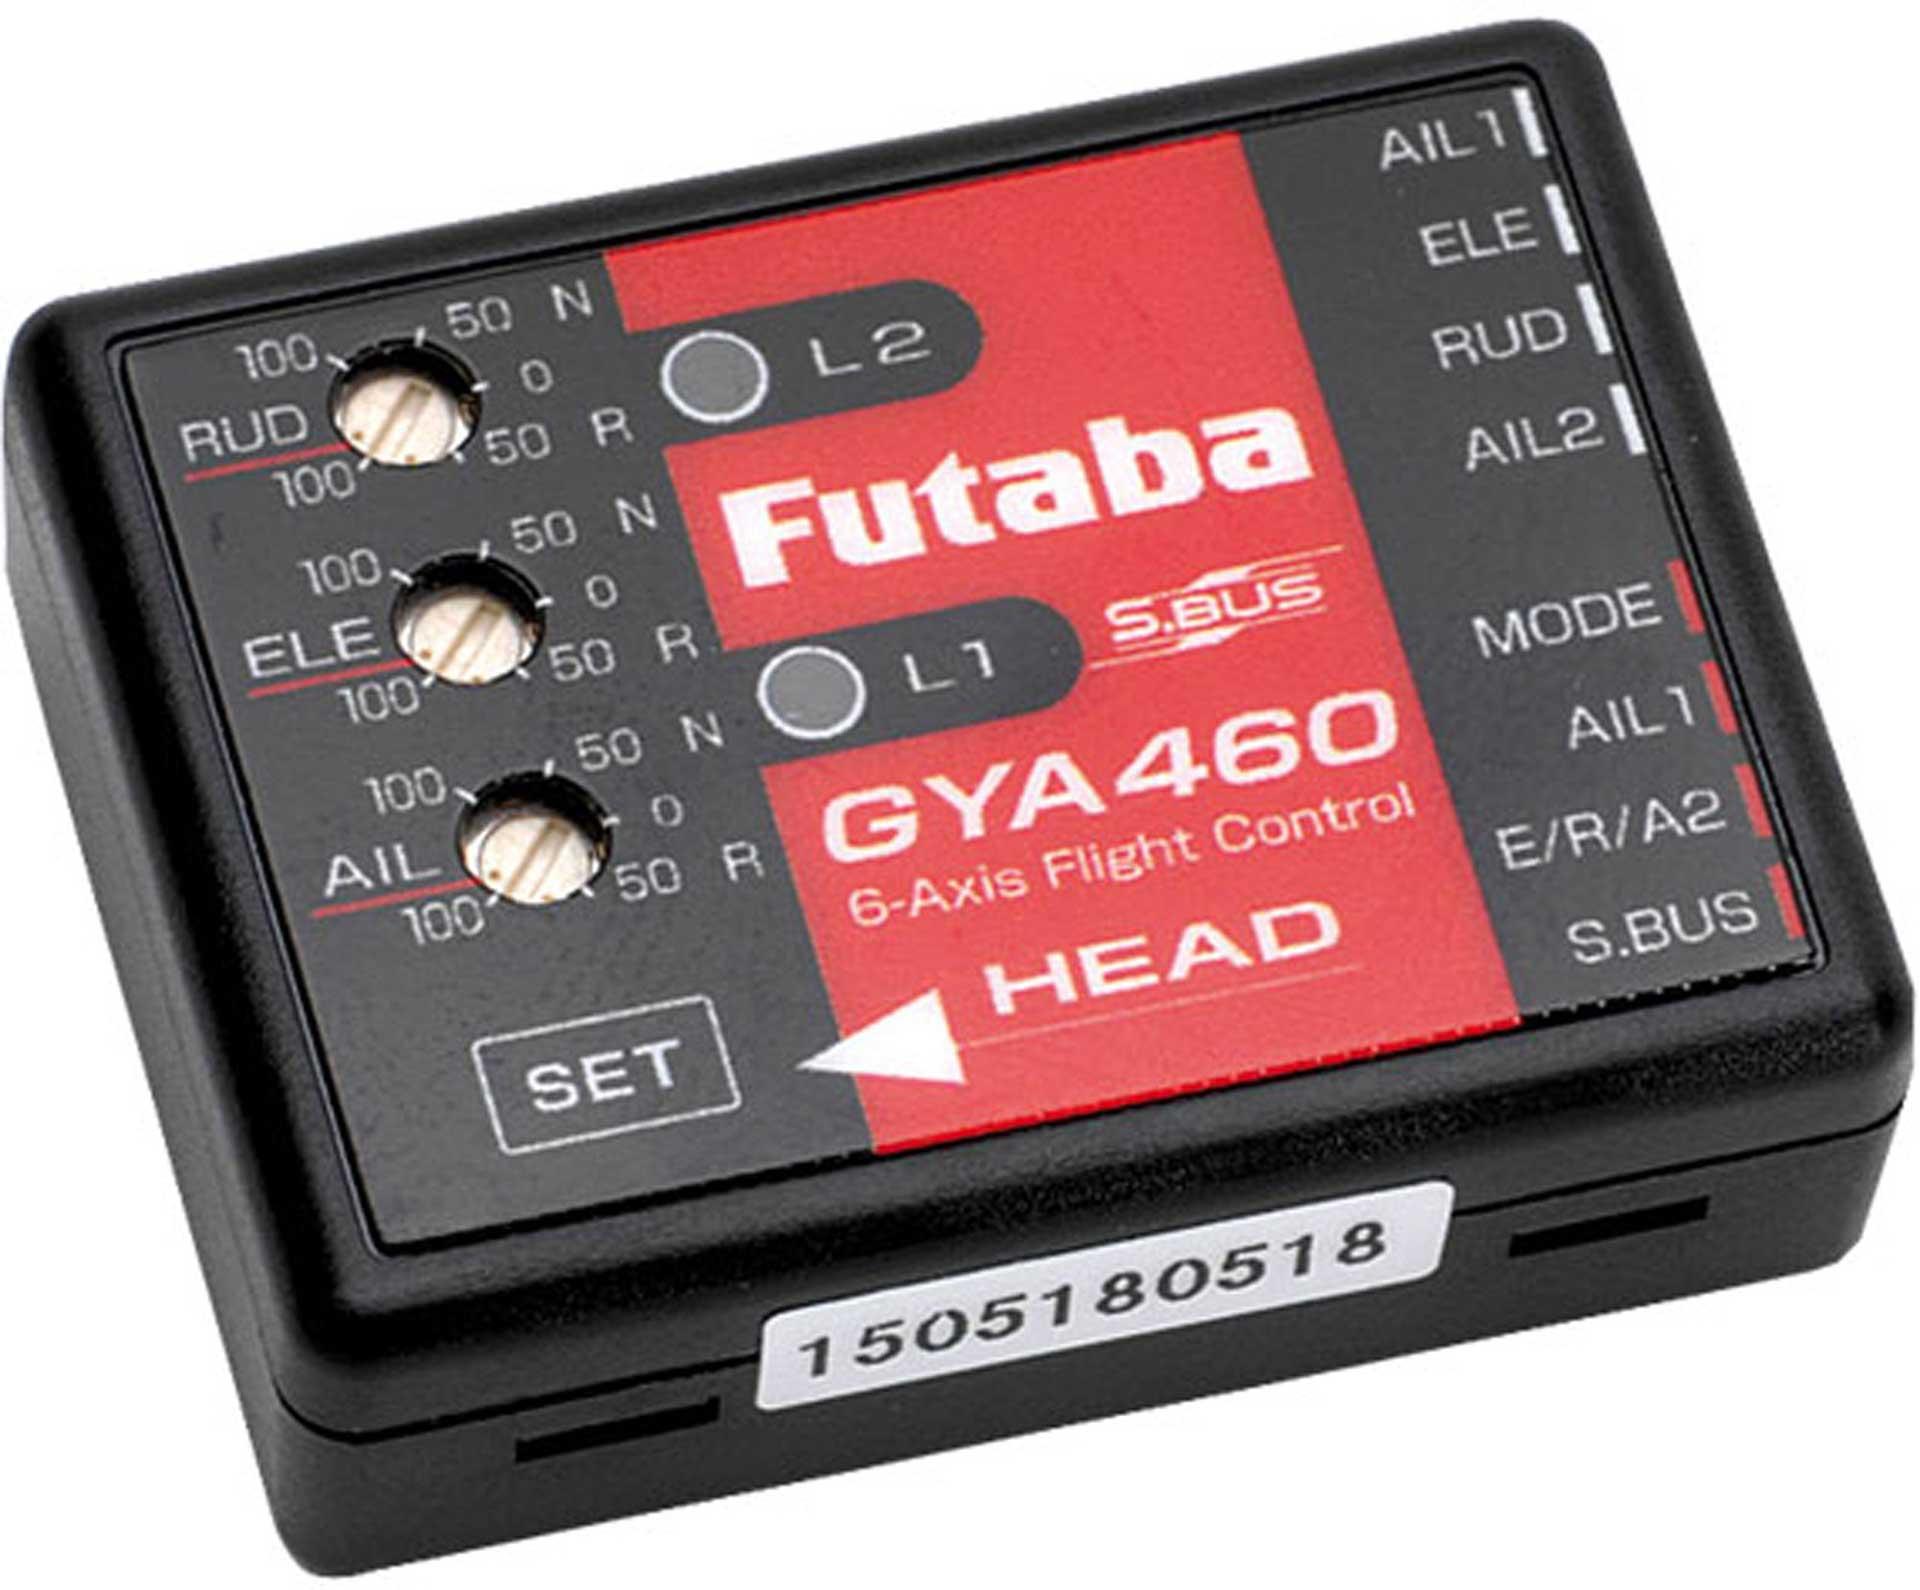 FUTABA GYA460 FLIGHT GYRO 6-AXES WITH AUTOMATIC POSITION STABILIZATION